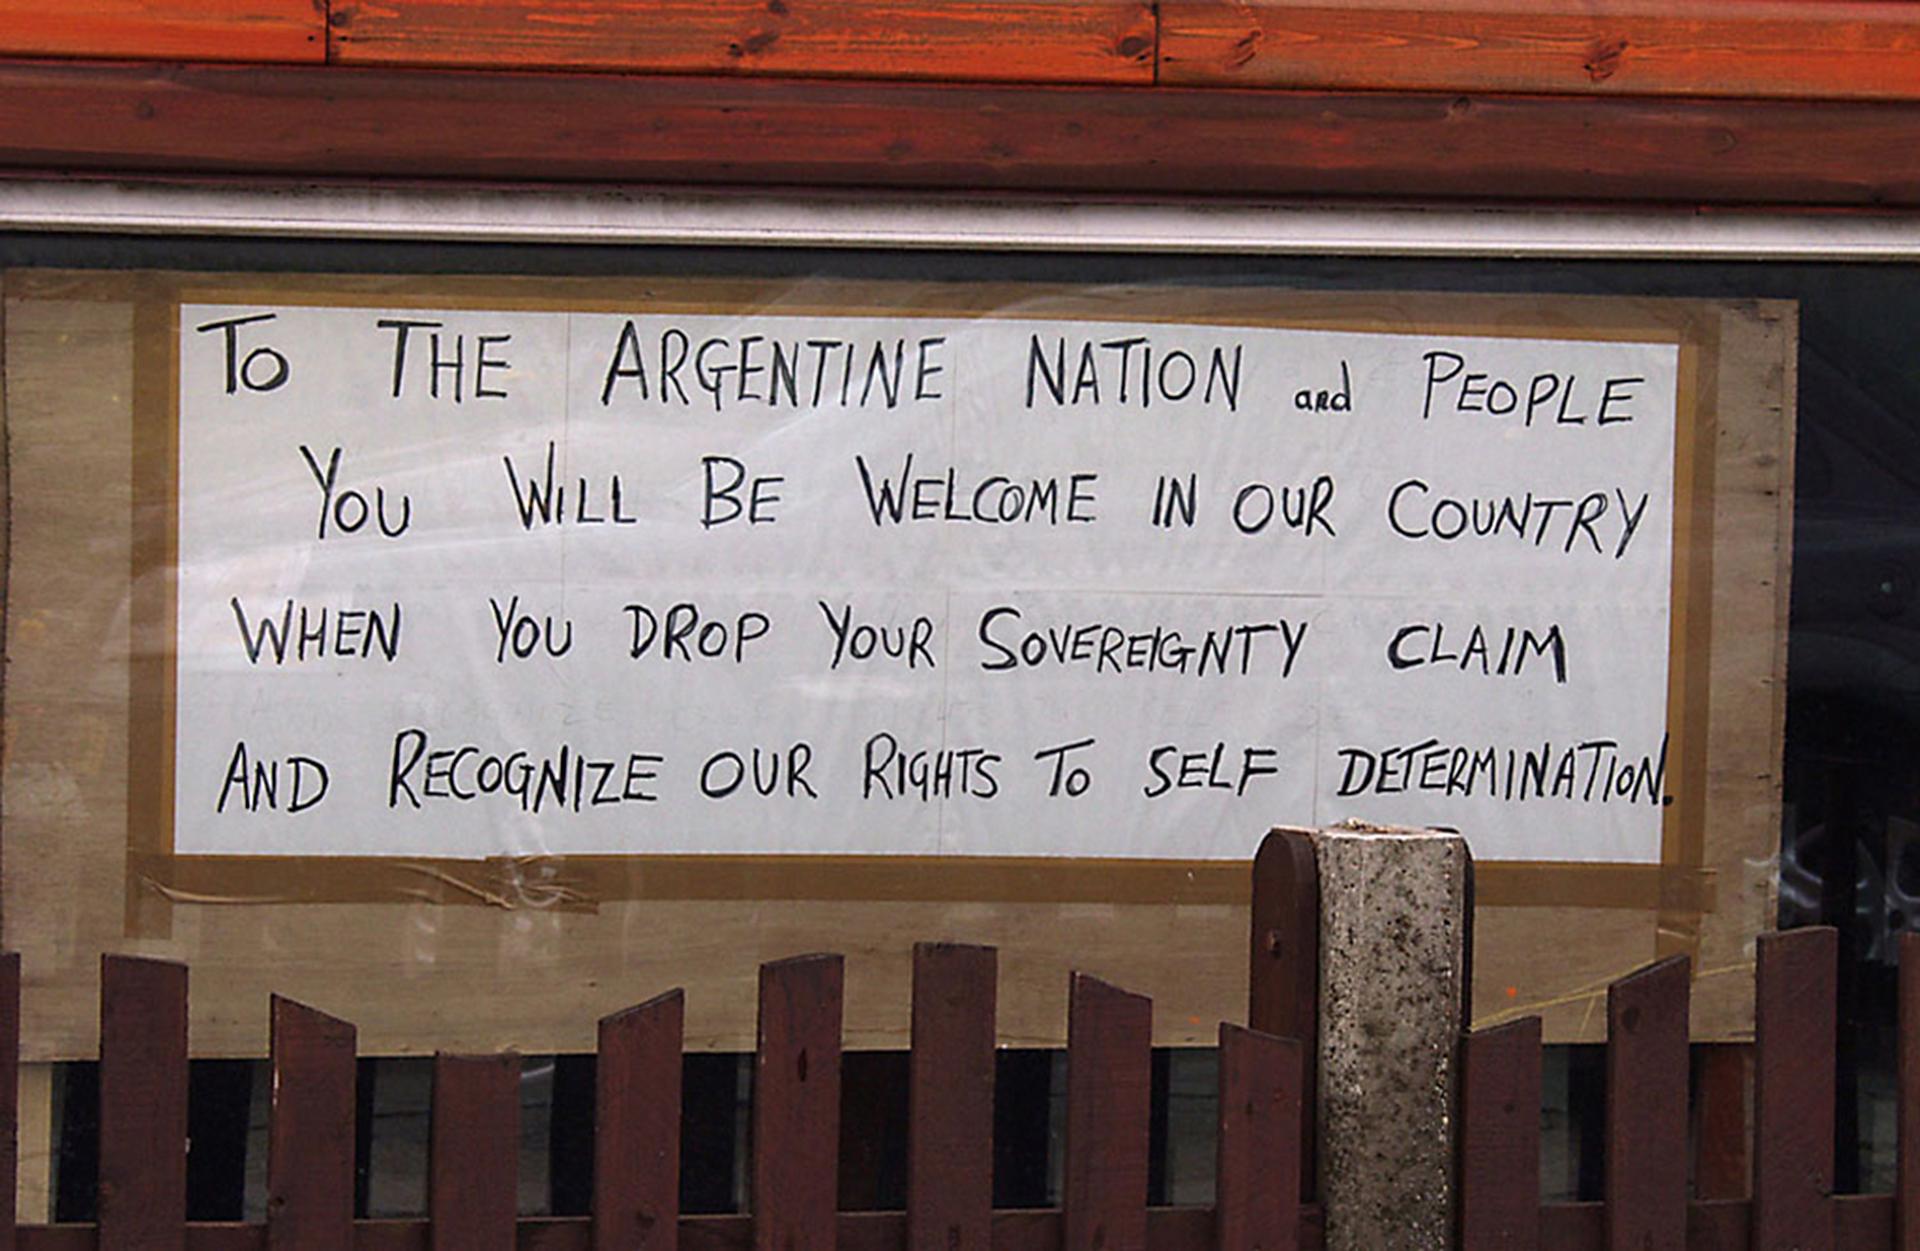 """Antes del 2 de abril, un vuelo semanal conectaba el continentecon Malvinas. La relación era respetuosa pero no cordial. En el aeropuerto, este cartel pegado por los isleños advertía: """"Serán bienvenidos a nuestro país cuando dejen caer su reclamo de soberanía y reconozcan nuestros derechos a la autodeterminación"""""""